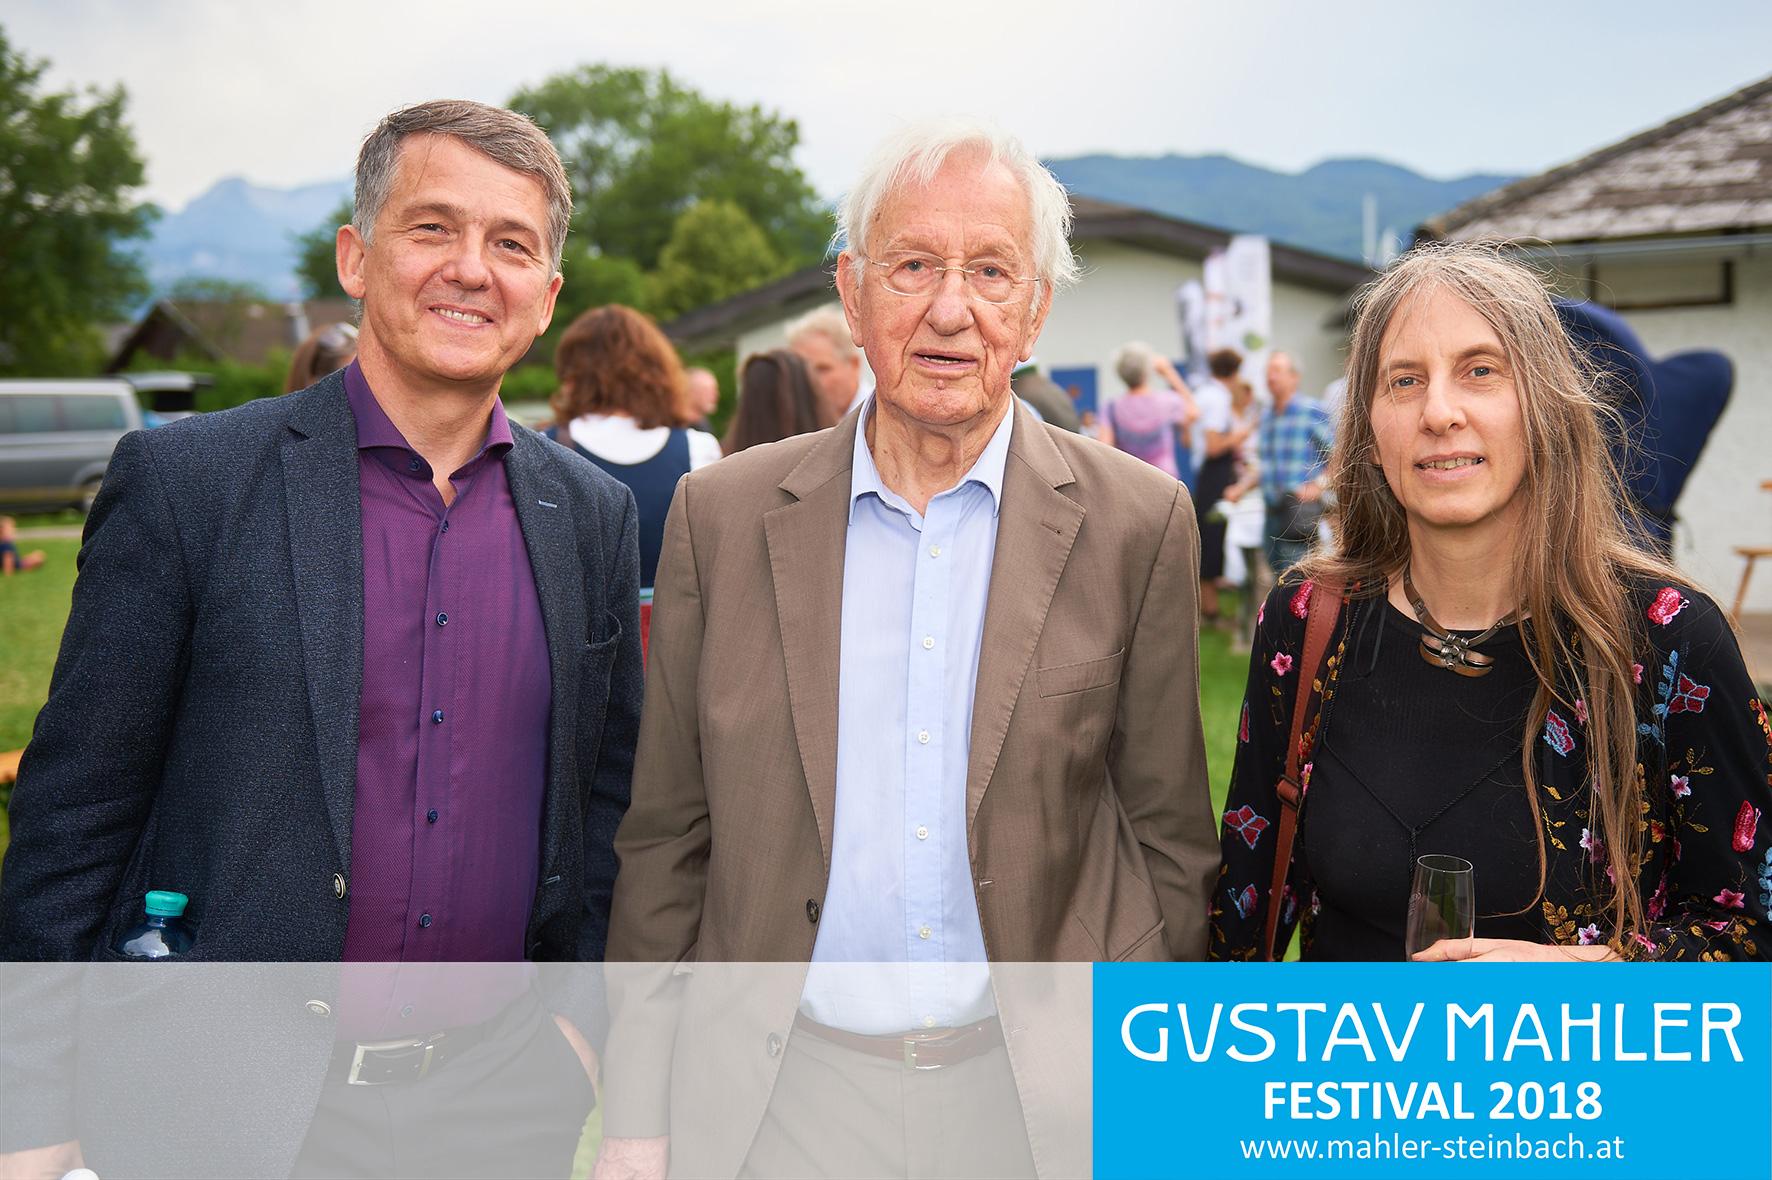 Dr. Morten Solvik, Prof. Walter Deutsch, Iby Jolande Varga - 3. Gustav Mahler Festival Steinbach